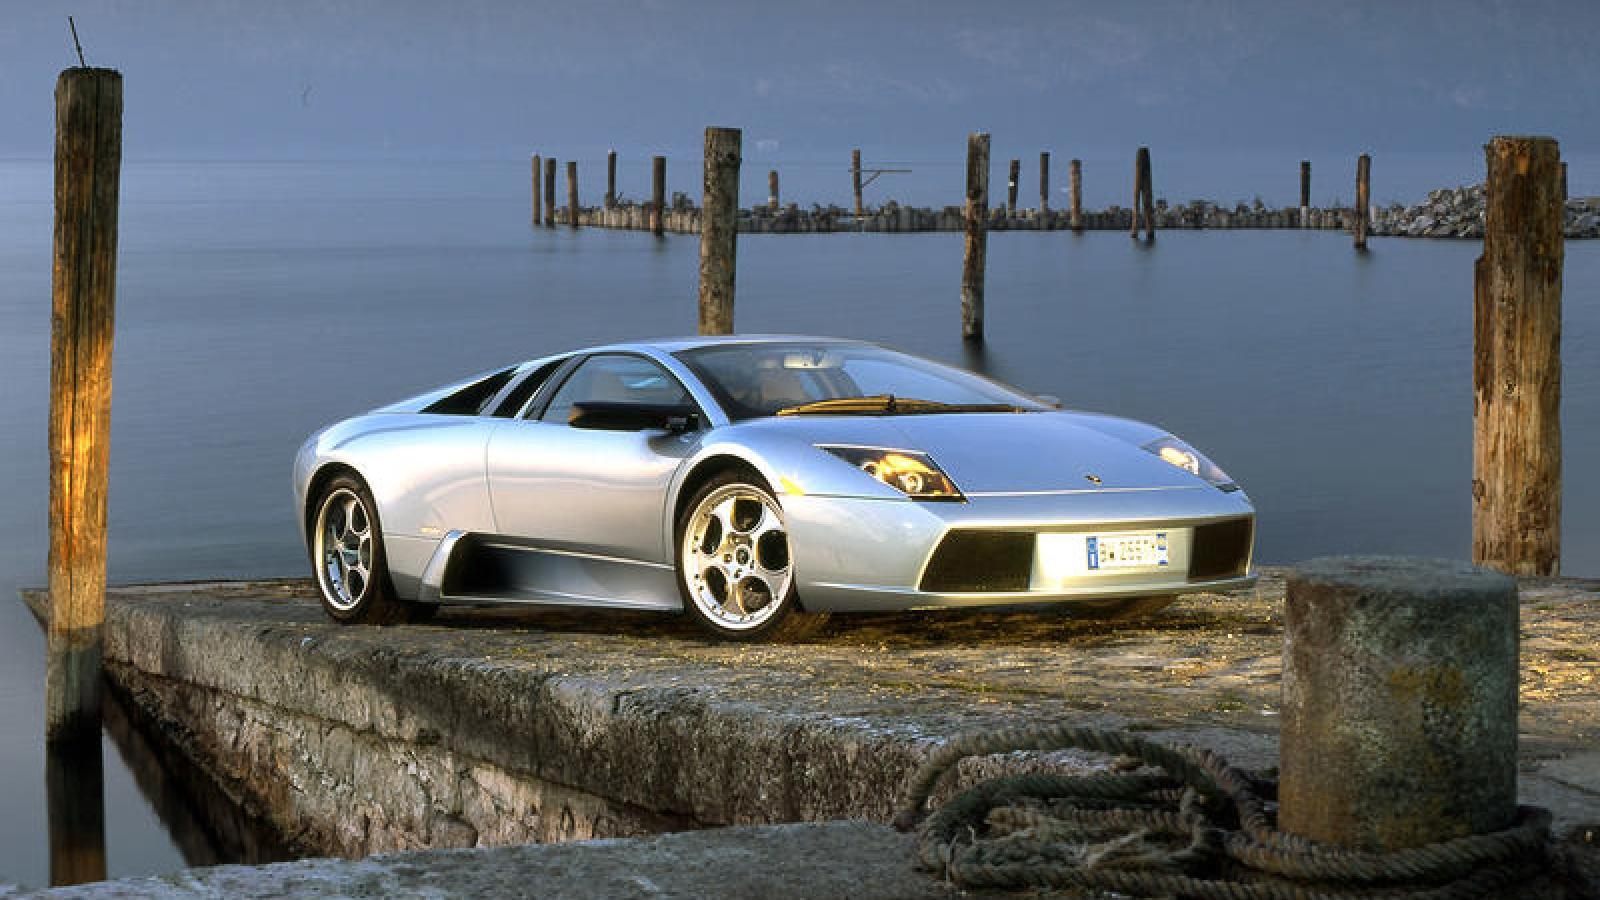 Điểm lại những mẫu xe nổi bật được ra mắt cách đây 10 năm (phần 1)